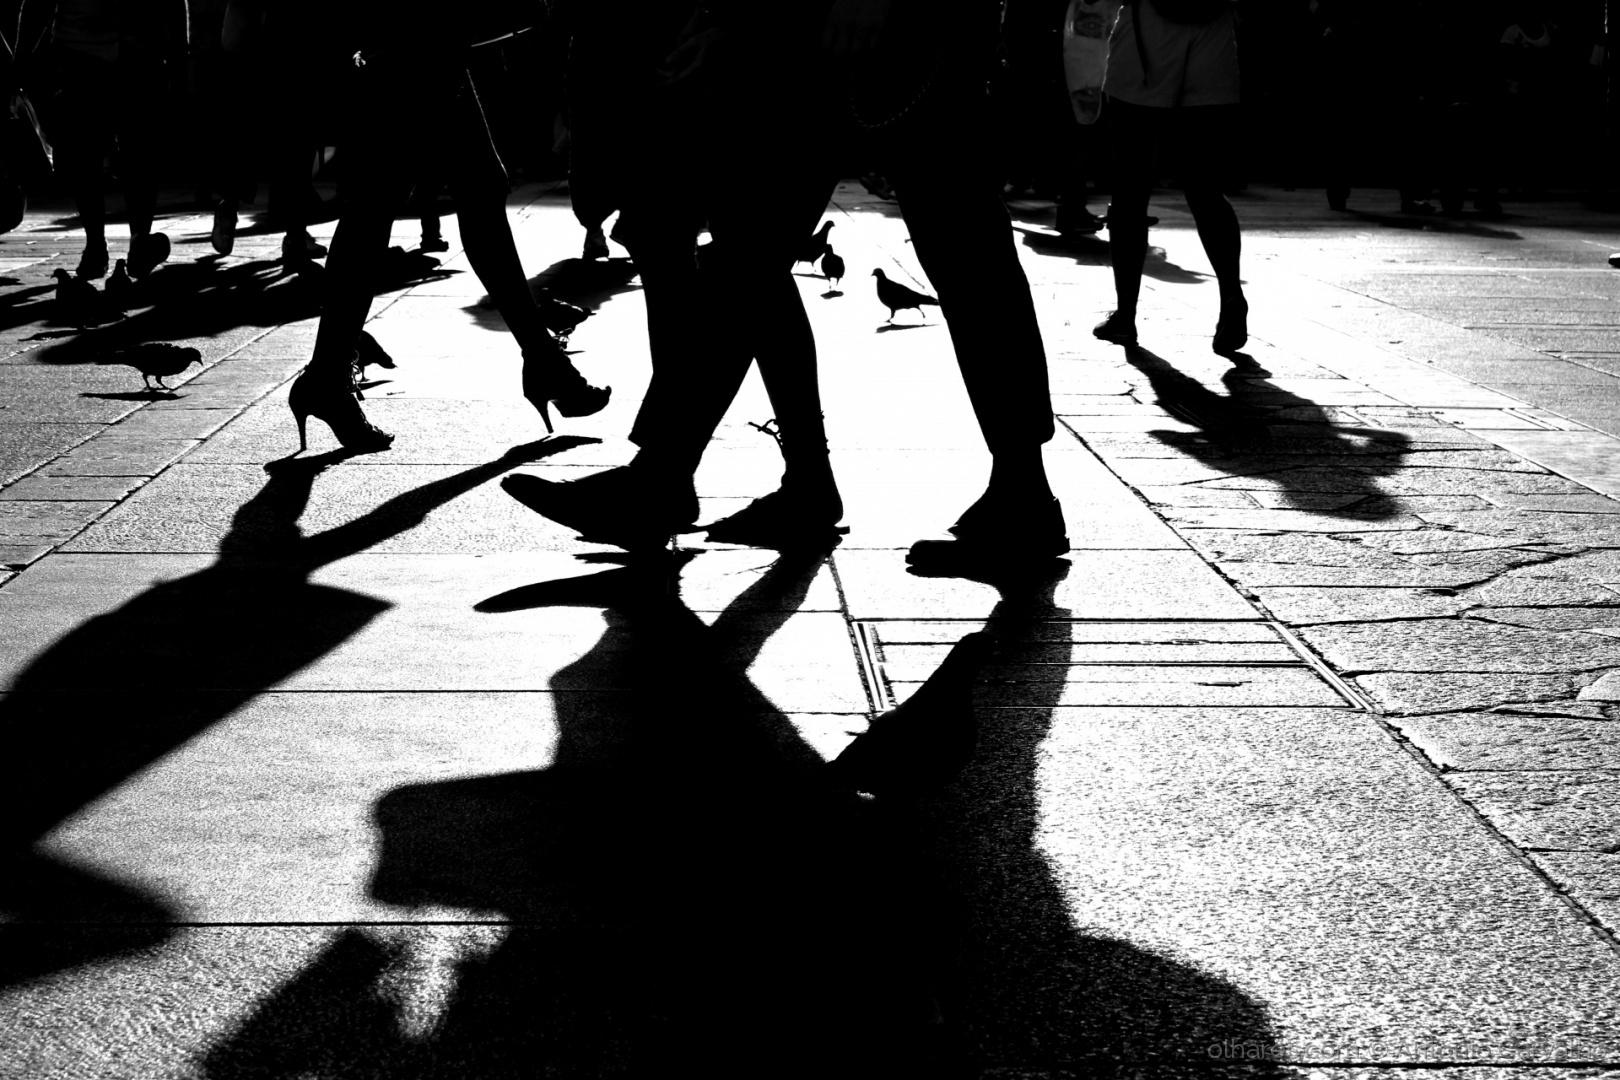 © António Carvalho - Transitoriedade